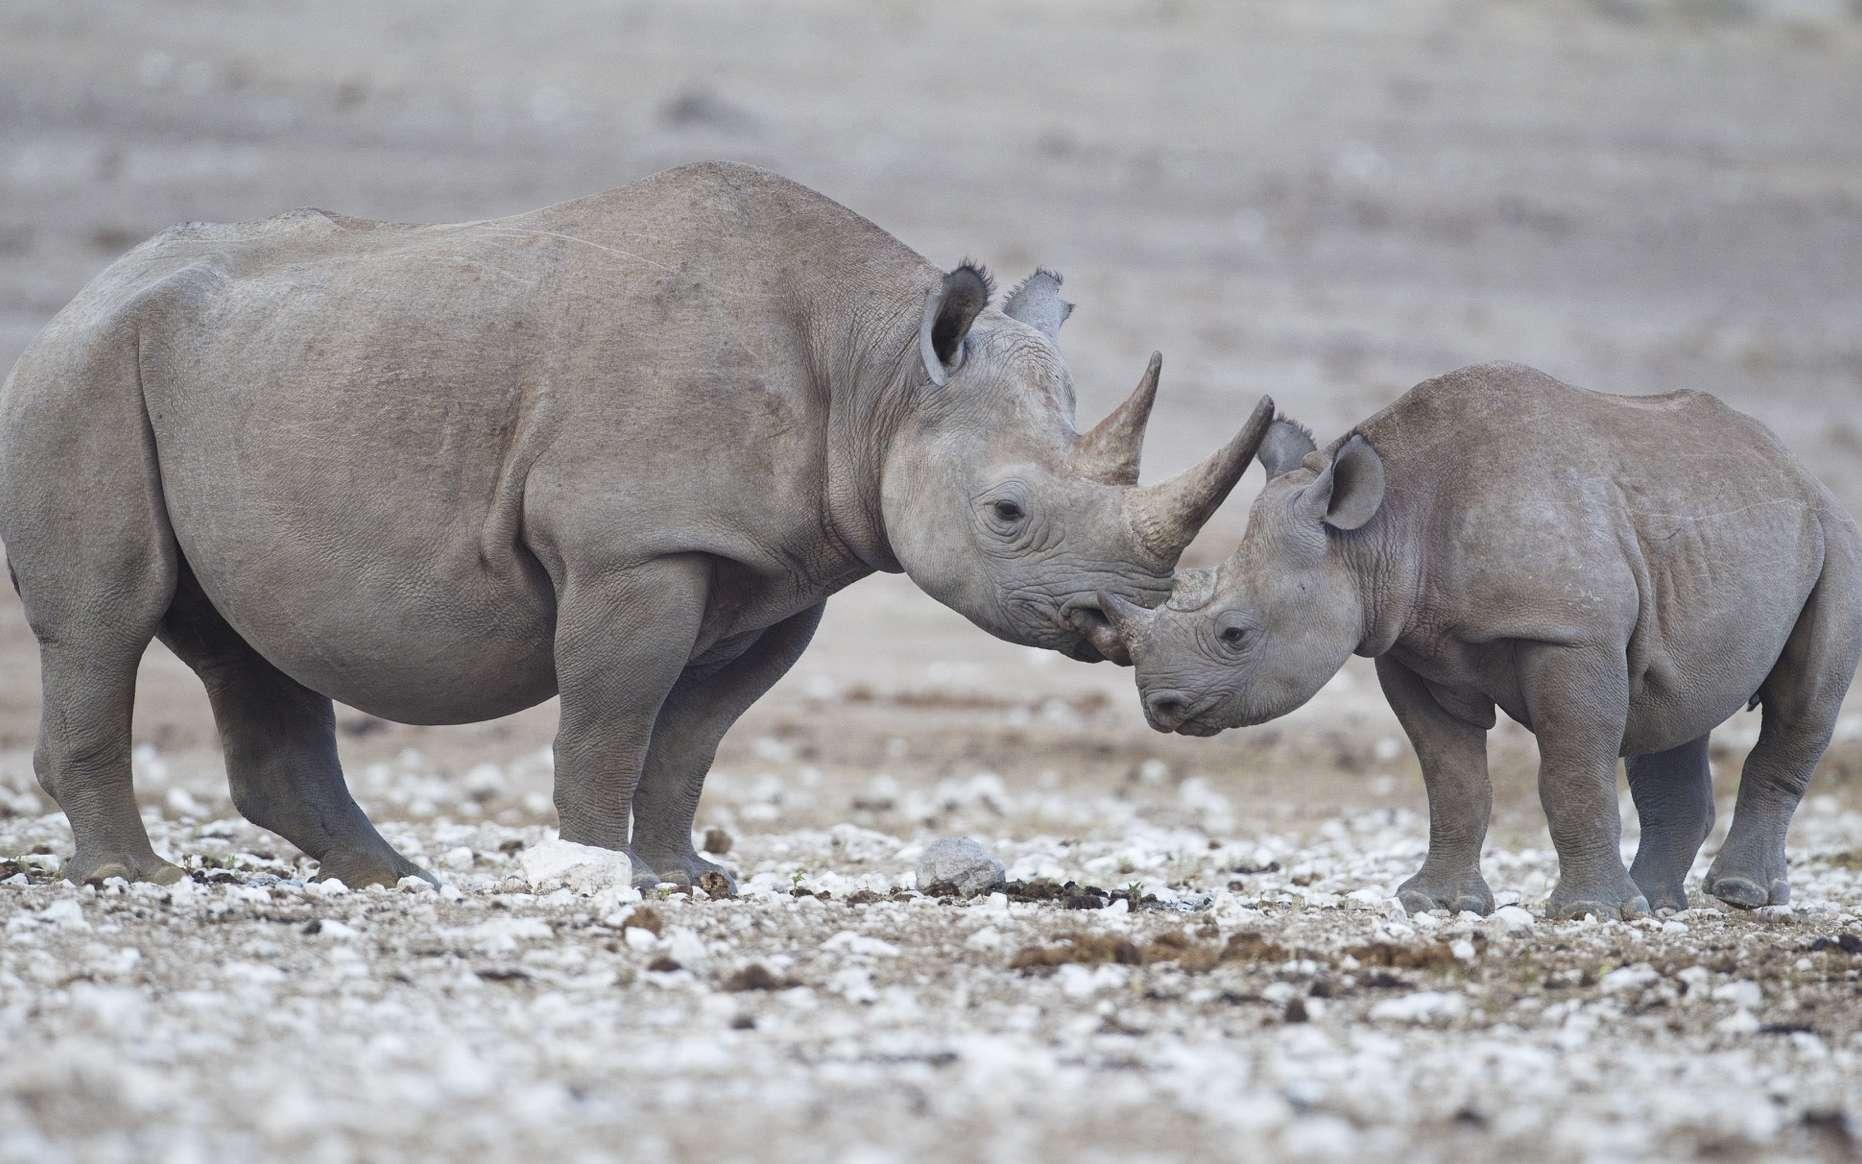 Une femelle rhinocéros noir avec son petit dans le parc national d'Etosha. © Yathin S Krishnappa, Wikimedias Commons, CC by-sa 3.0